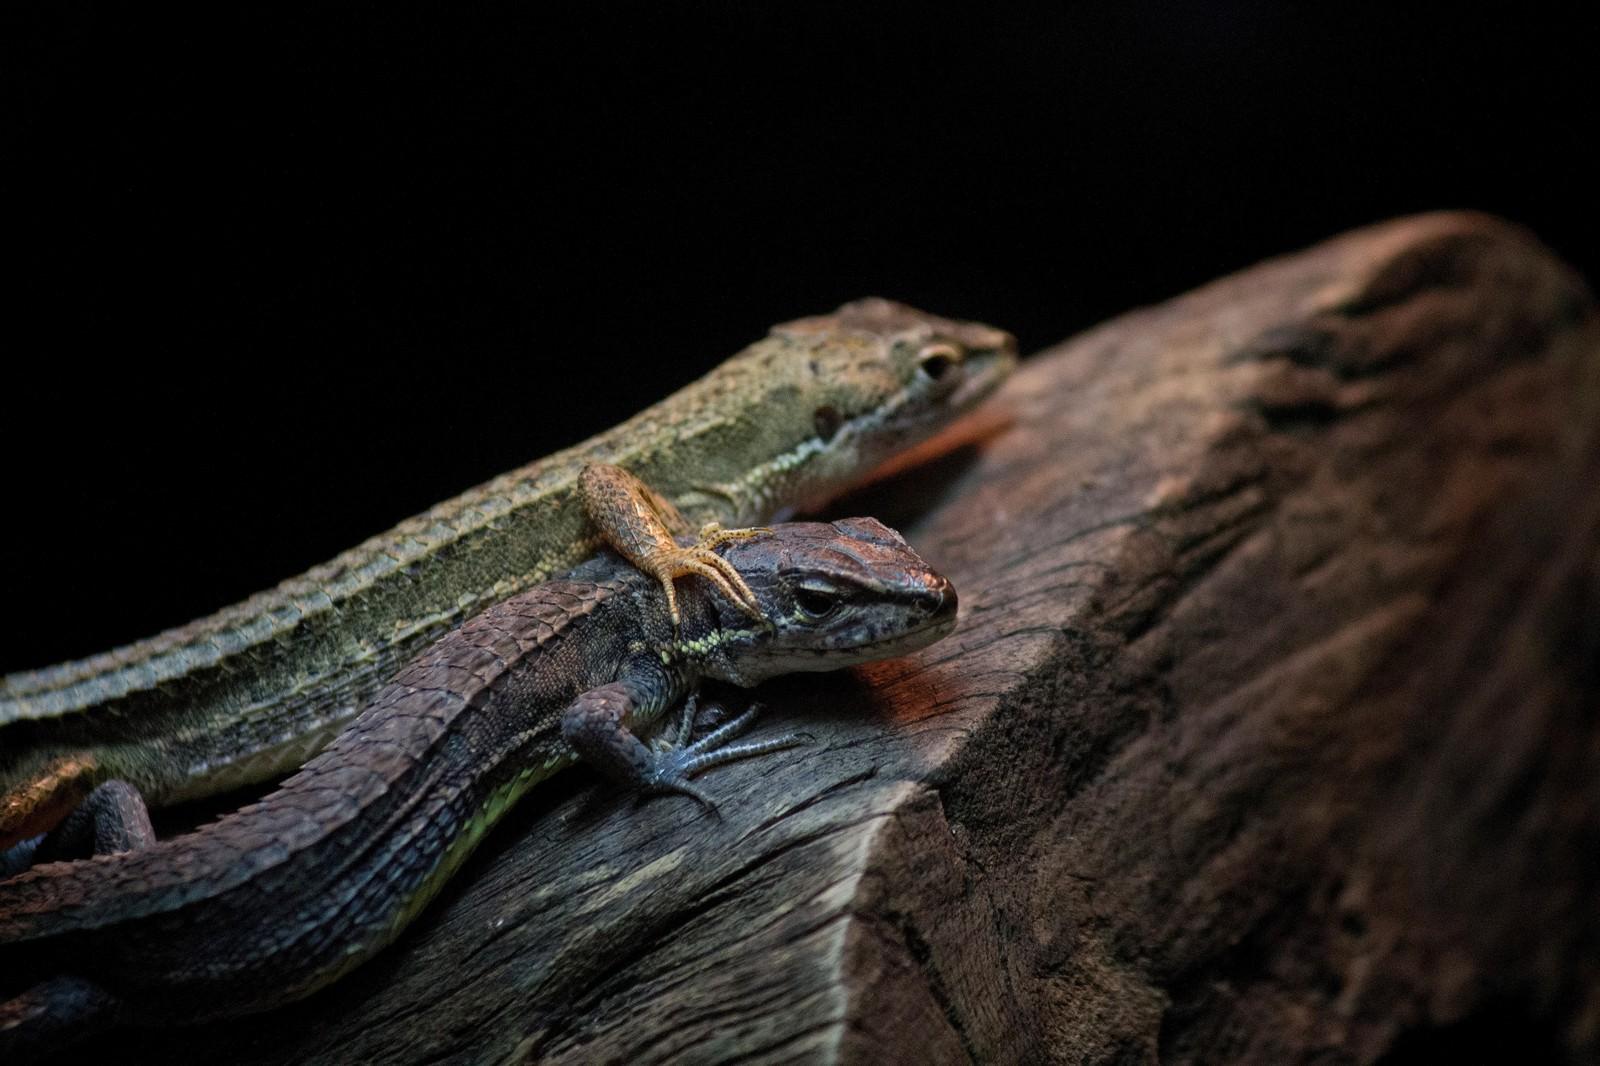 「二匹のトカゲ」の写真